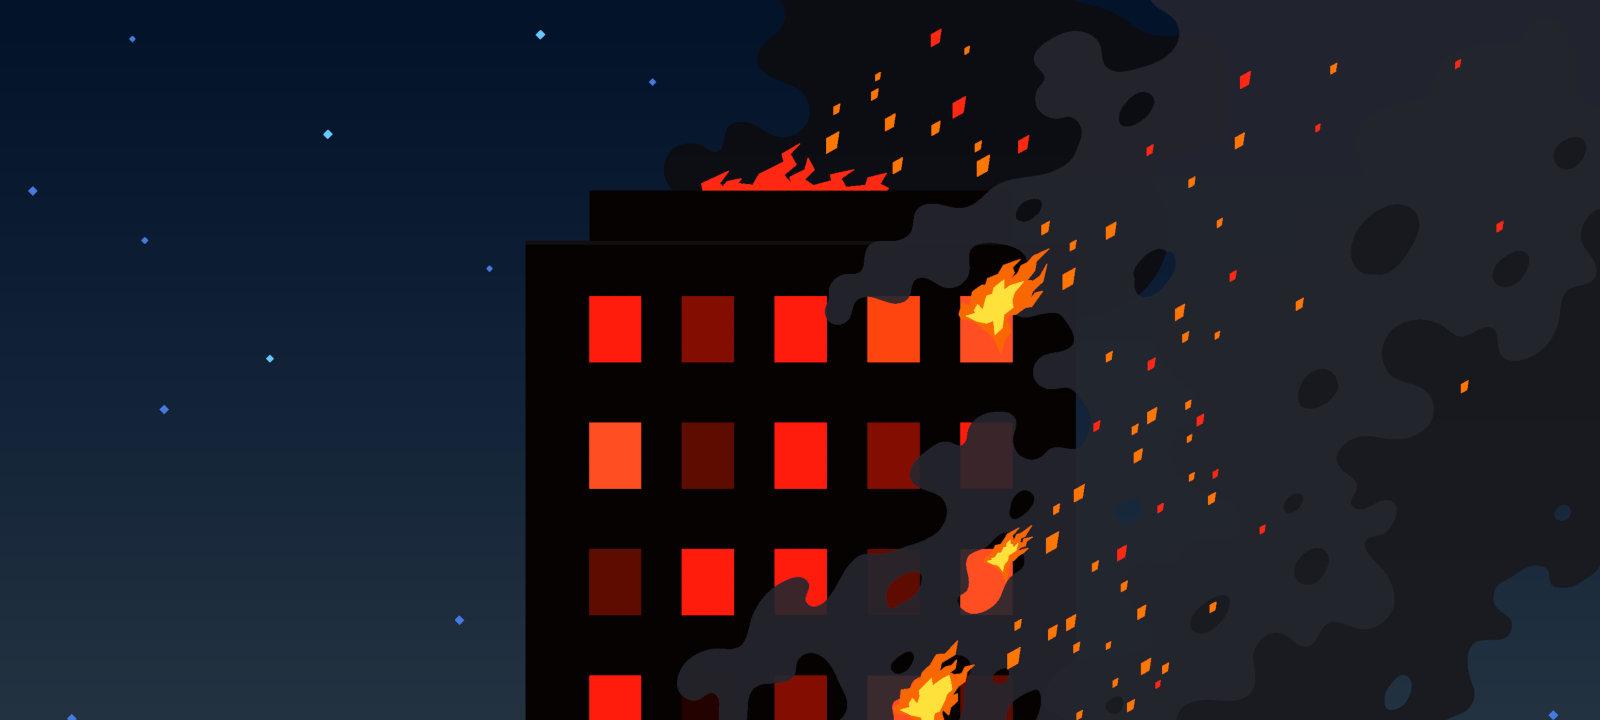 Пешком по Firebase. Находим открытые базы данных, которые прячет Google